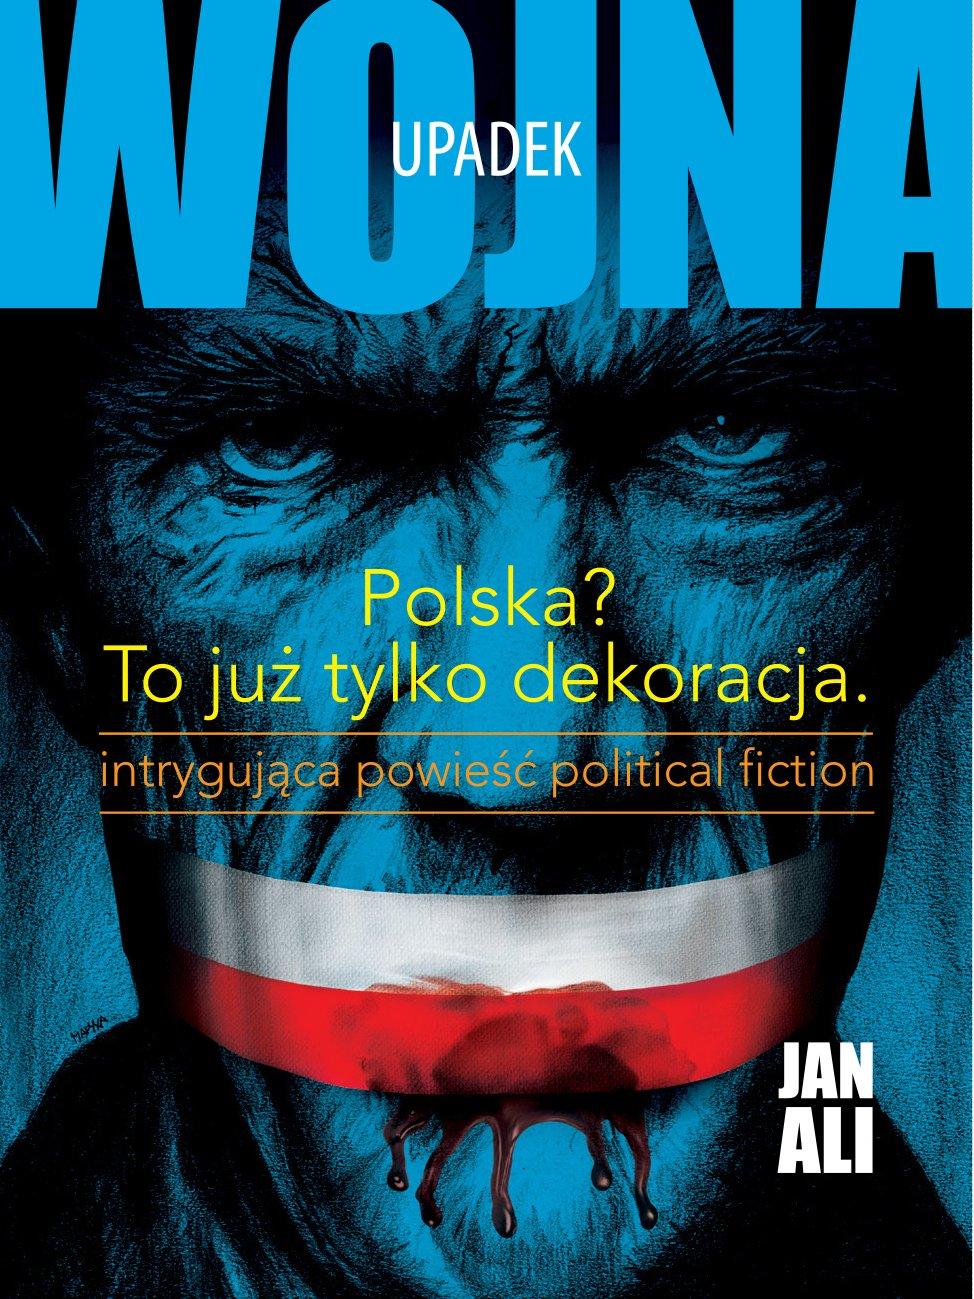 Upadek. Trylogia Wojna. Część 2 - Ebook (Książka EPUB) do pobrania w formacie EPUB